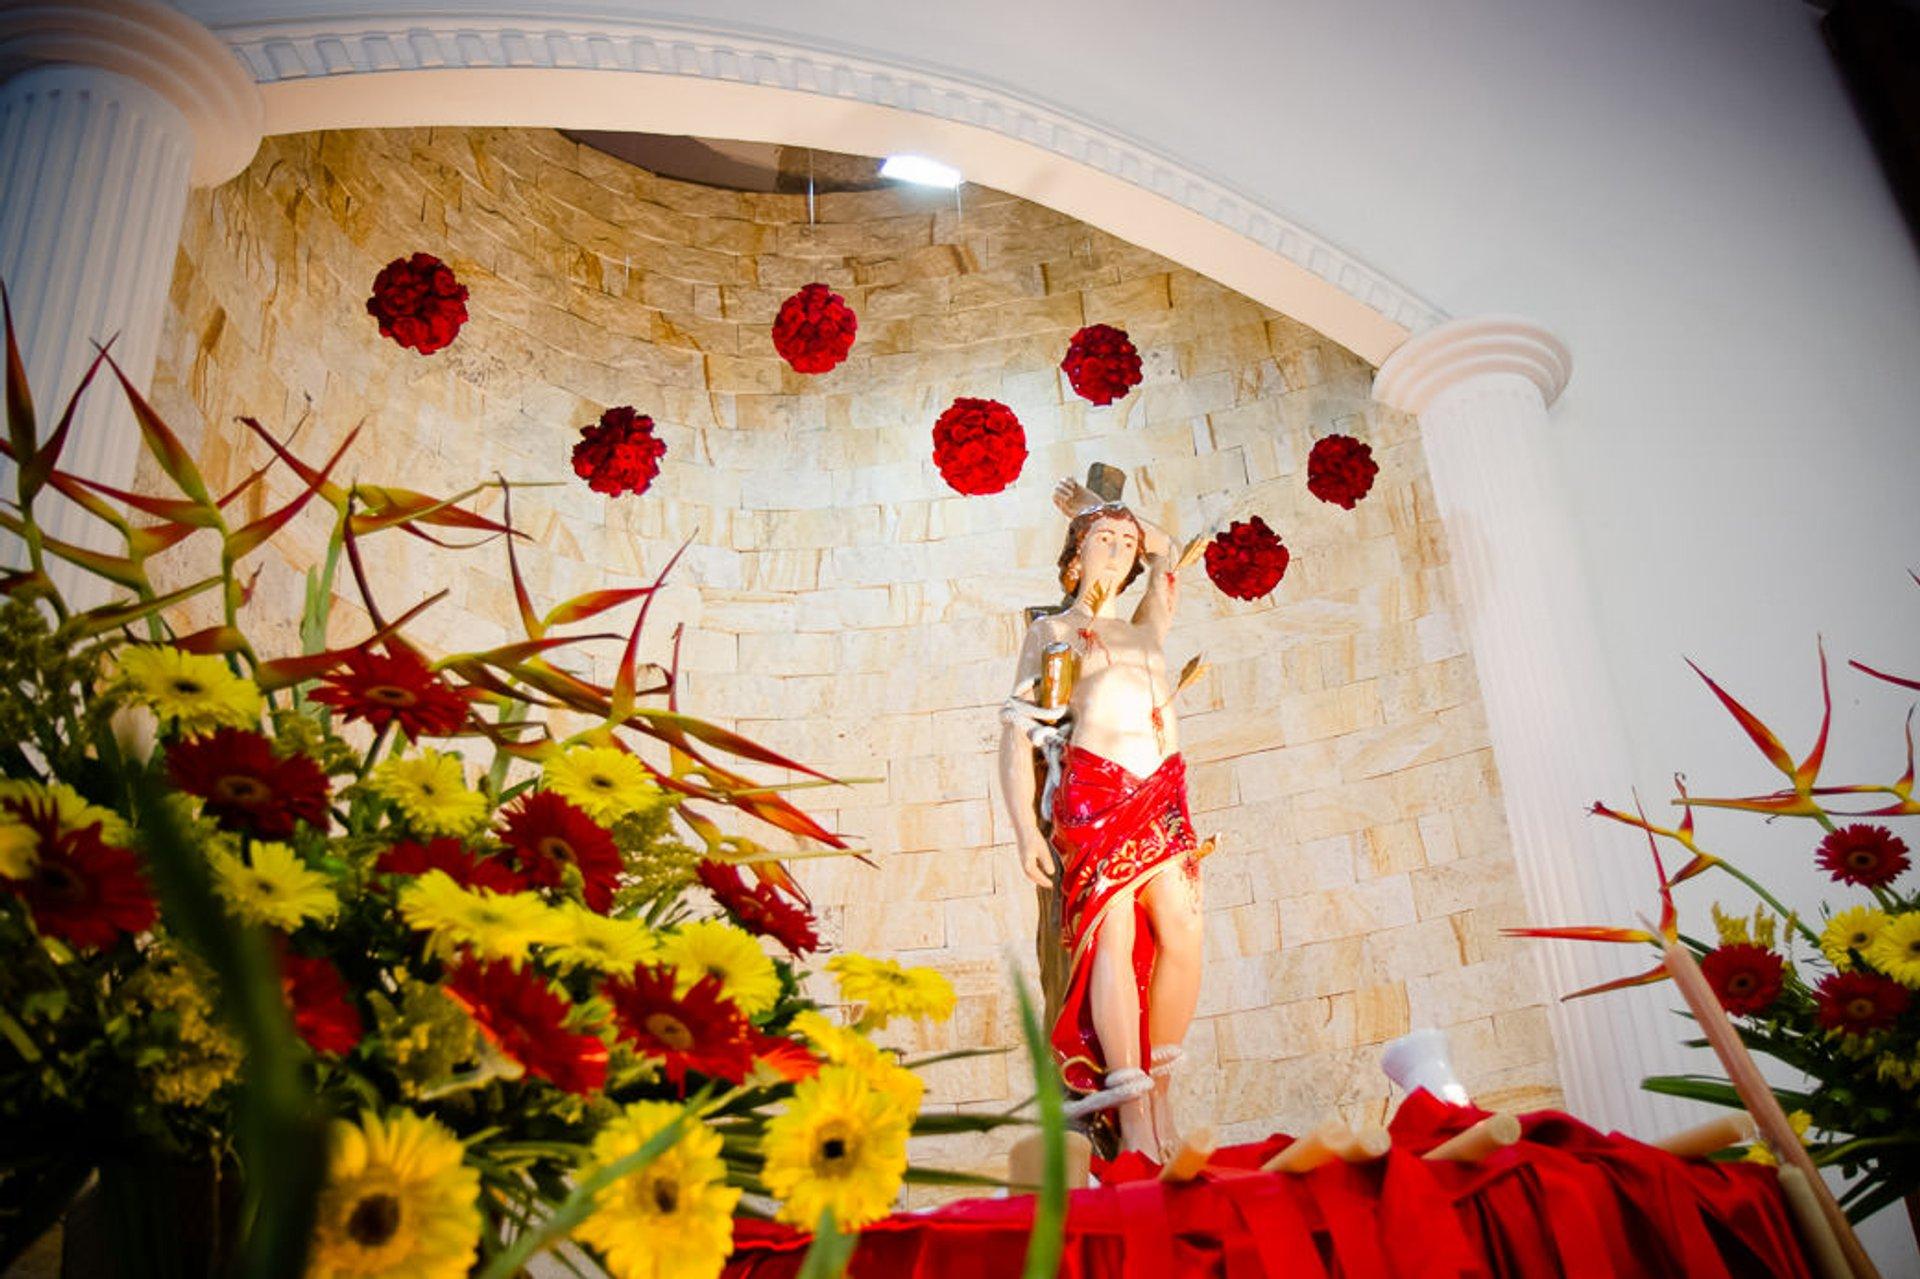 Best time for St. Sebastian's Day in Rio de Janeiro 2020